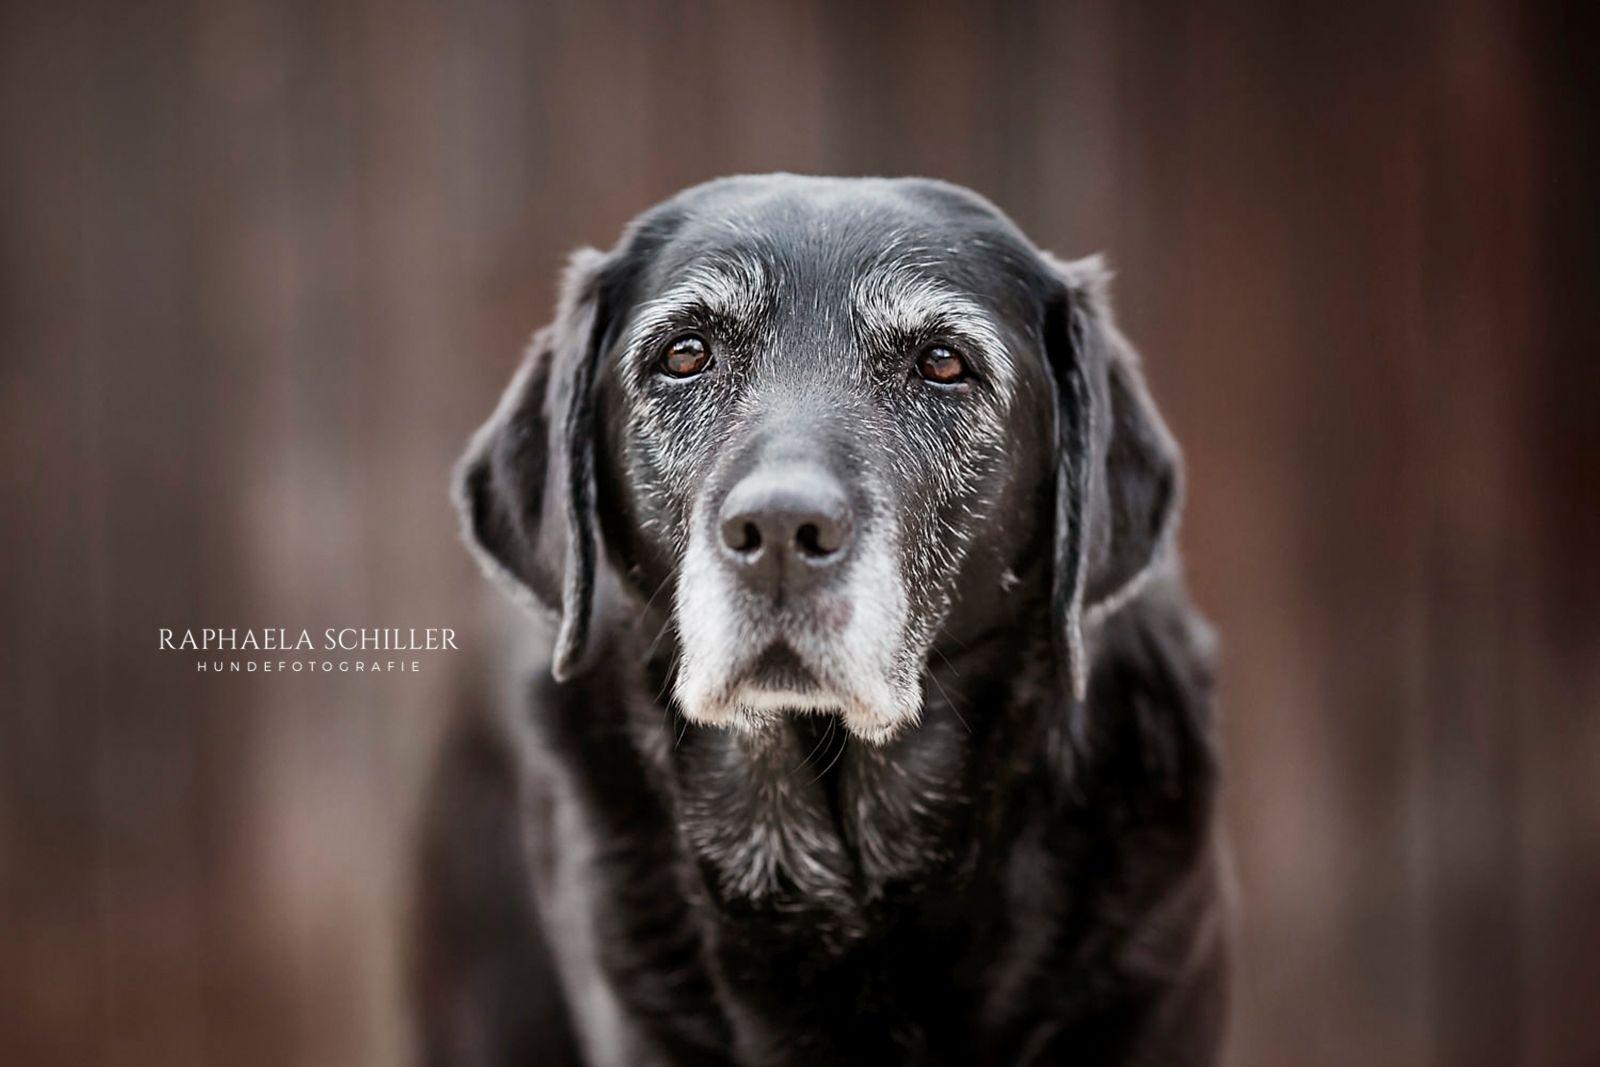 Hundefotografie Dog Photography Hundefotografie Labrador Retrievers Labrador Retriever Hund